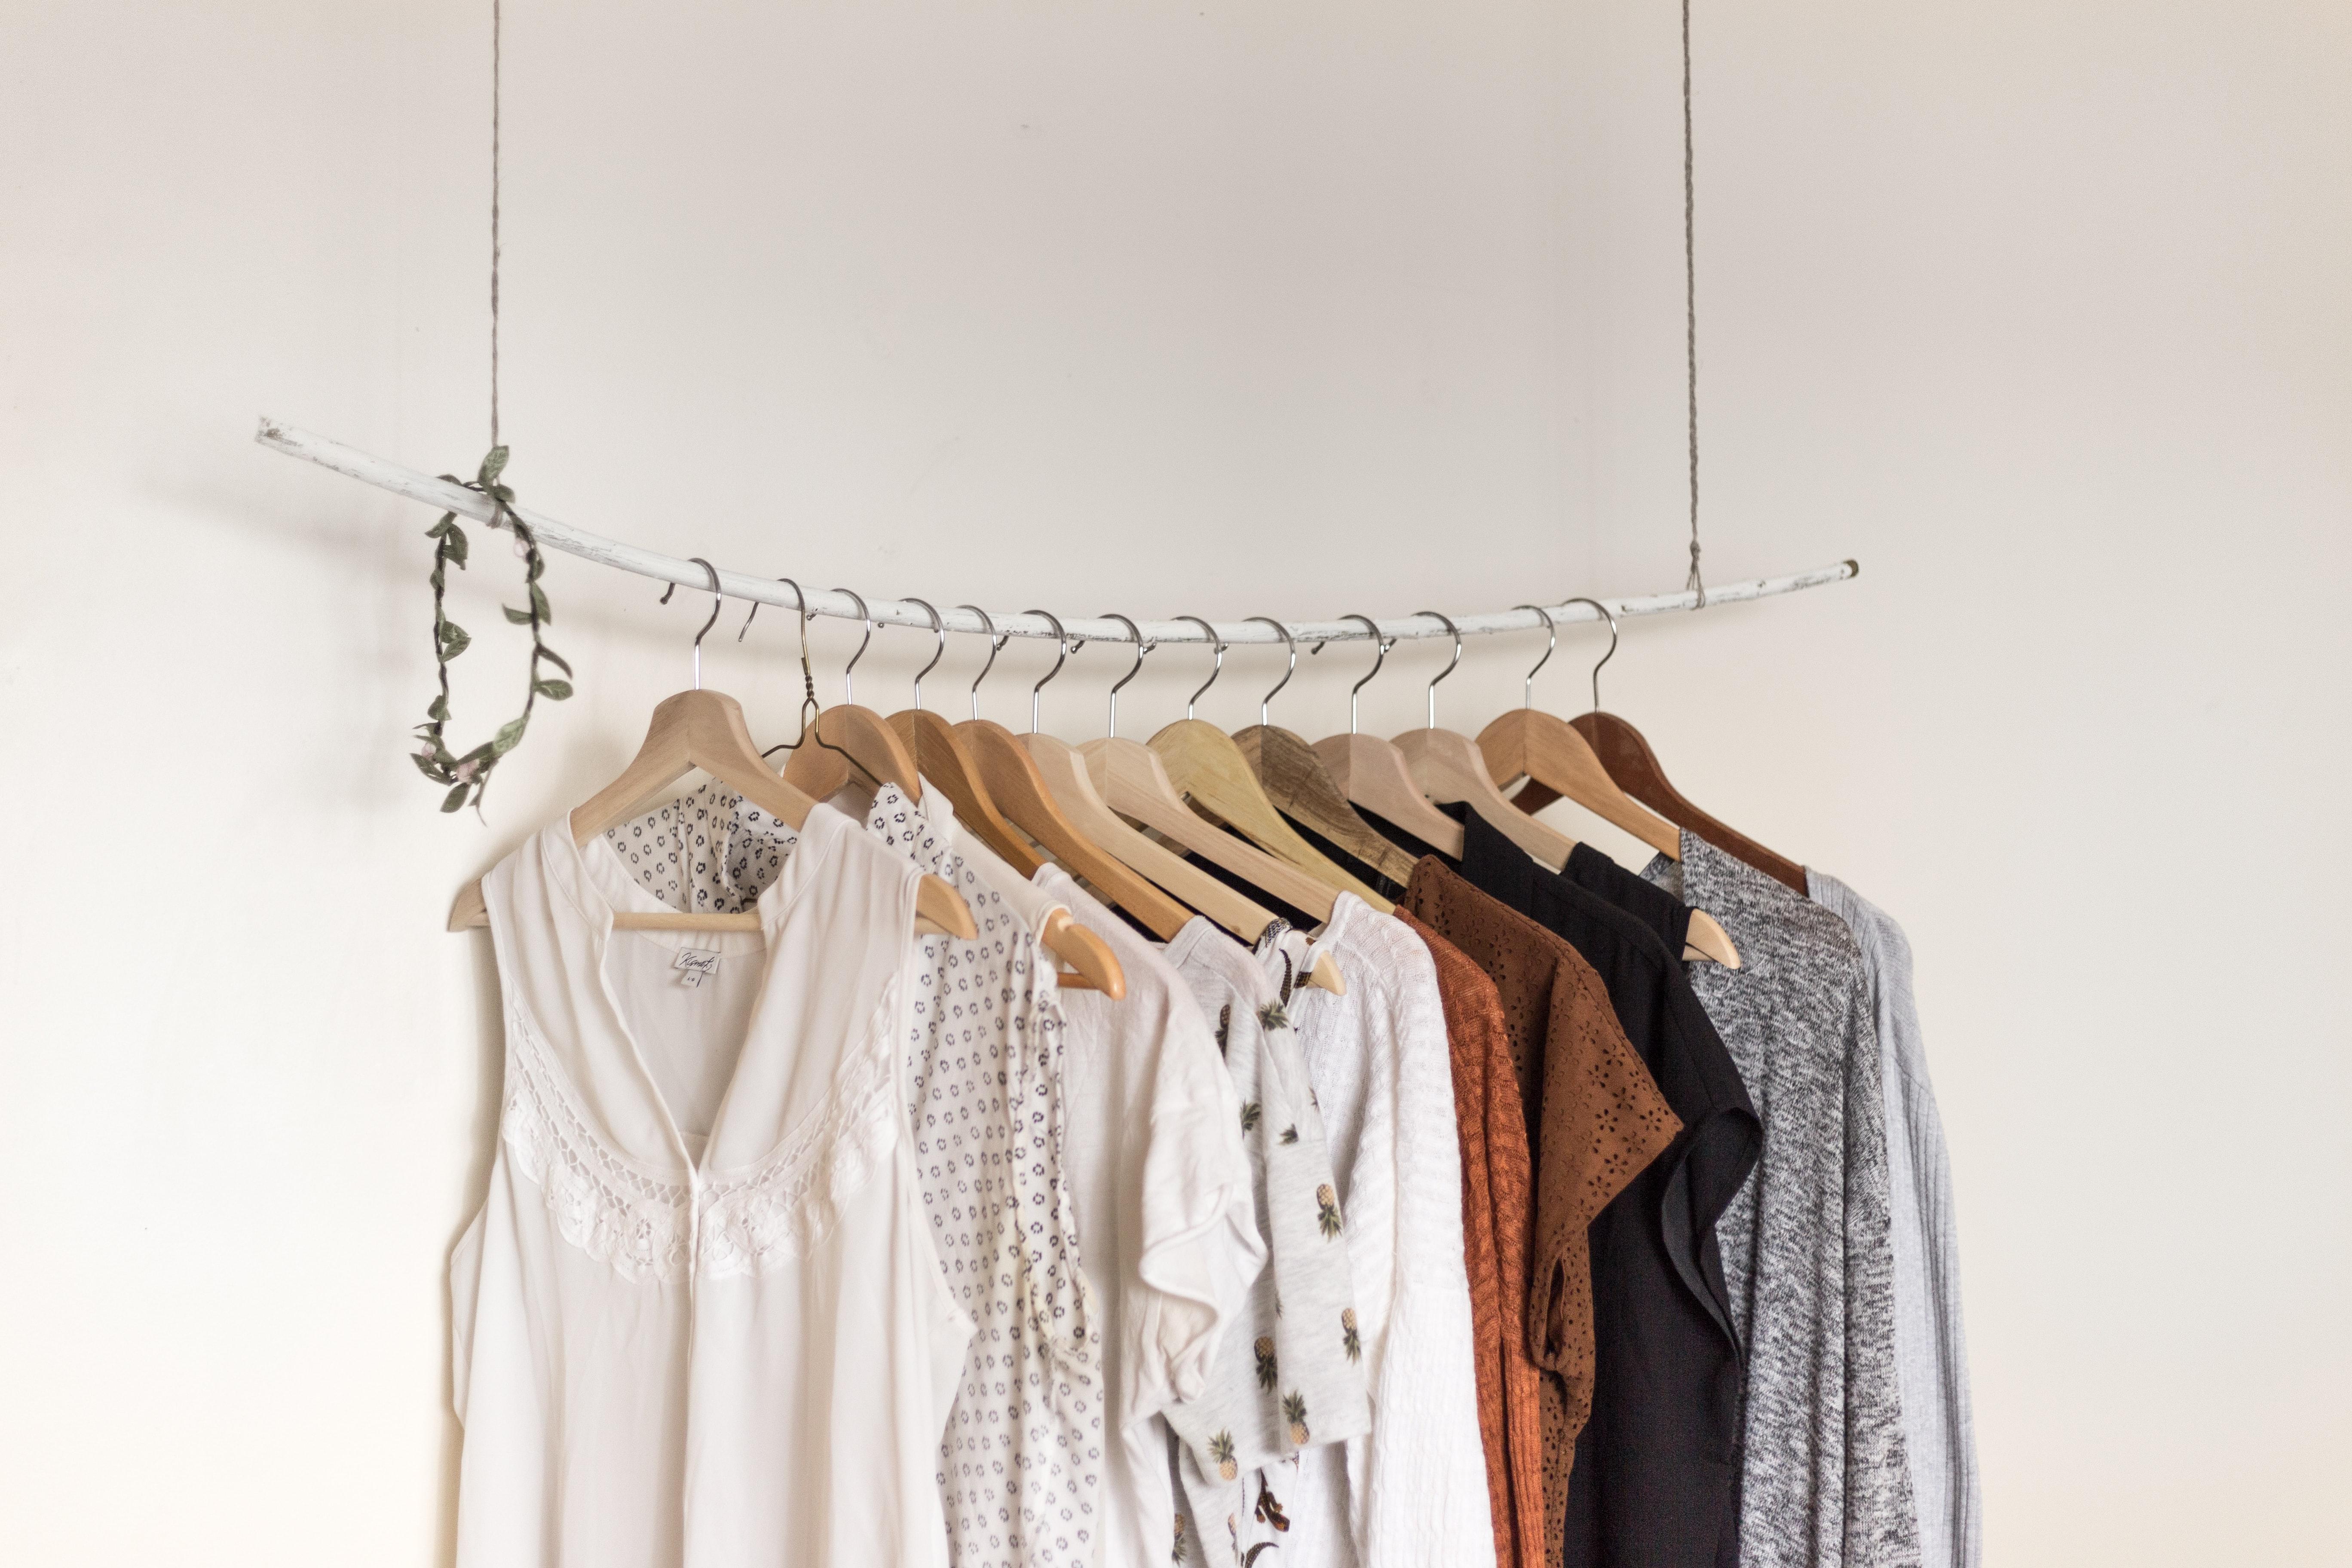 某女裝品牌通過兔展社交電商小程序,建立私域流量下的電商平臺